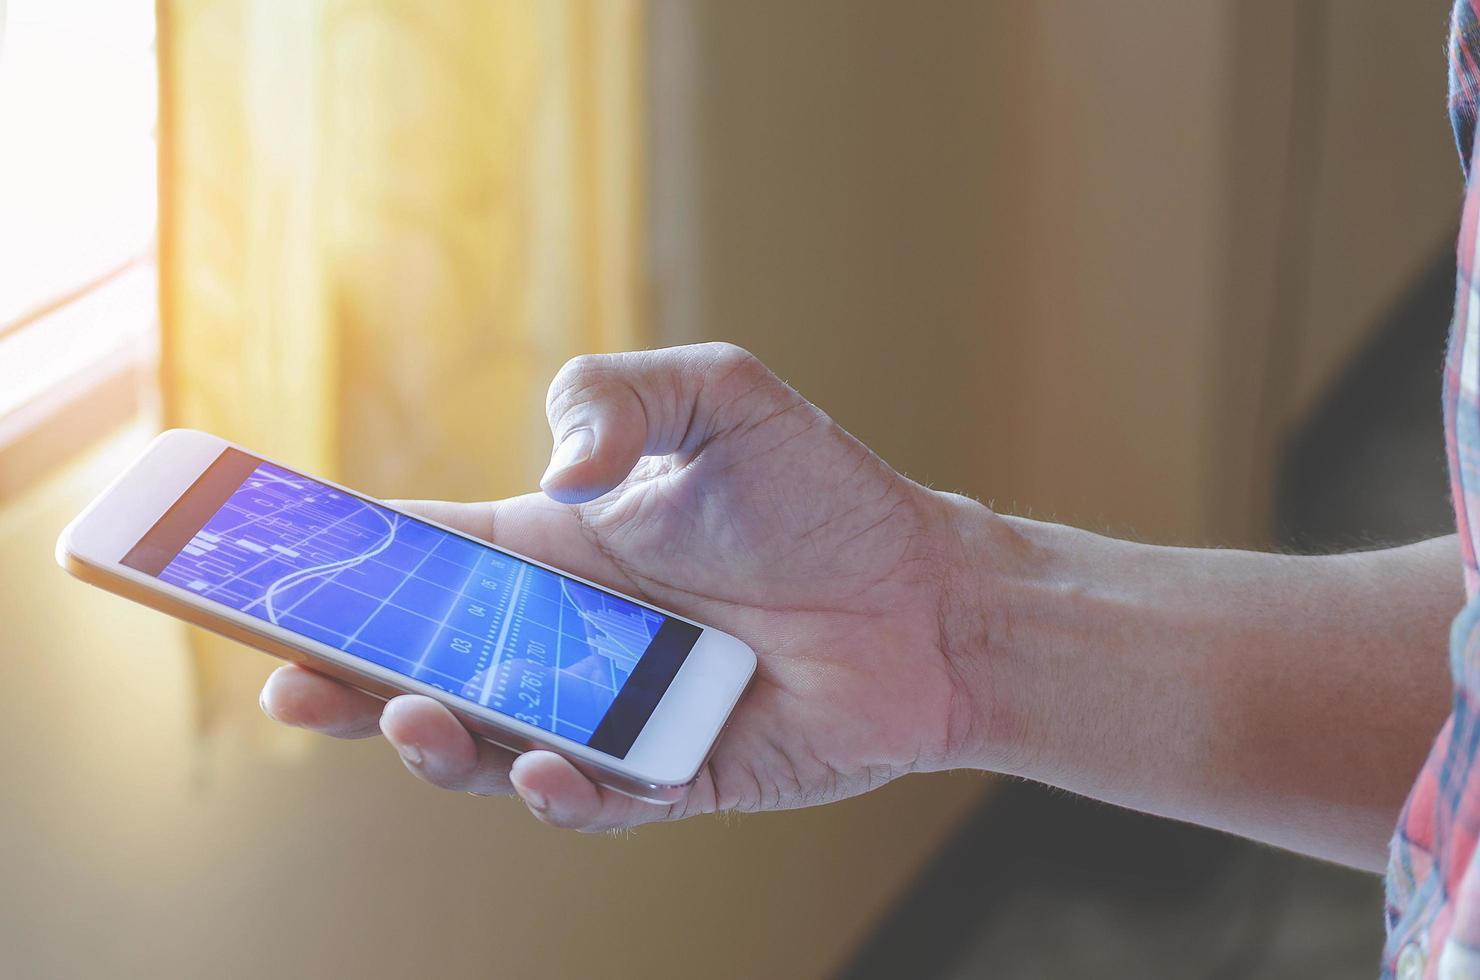 persona in possesso di smartphone in mano foto